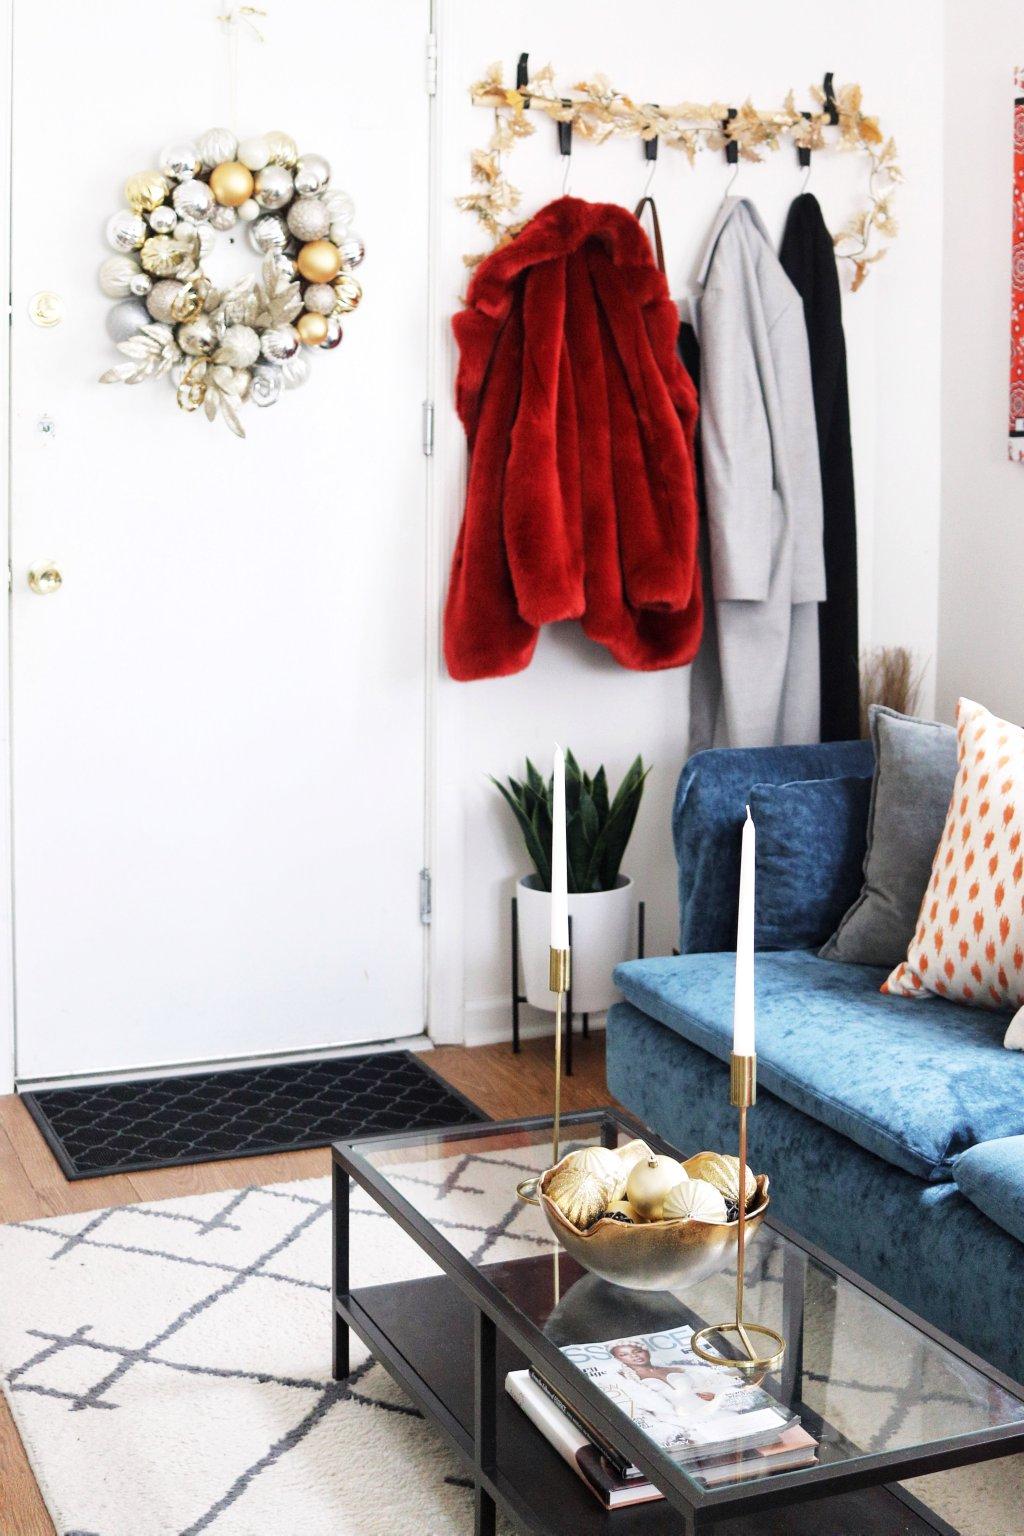 Easy Holiday Decor Ideas | Ijeoma Kola